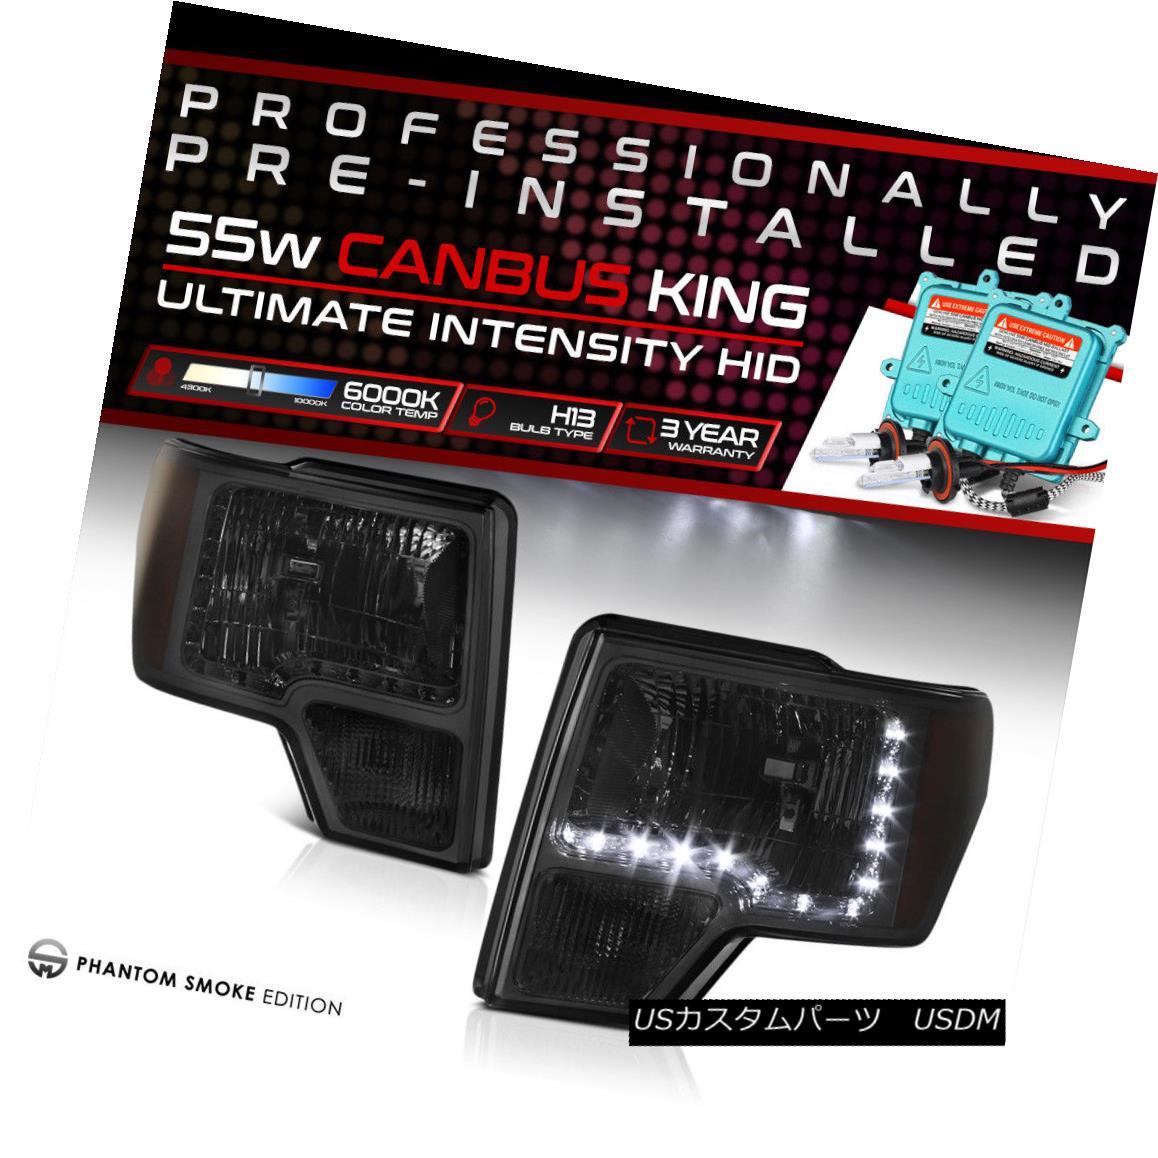 ヘッドライト {BUILT-IN HID LOW BEAM} 2009-2014 Ford F150 Harley Limited Smoke Headlights DRL {HID LIGHT BEAMを内蔵} 2009?2014 Ford F150 Harley LimitedスモークヘッドライトDRL